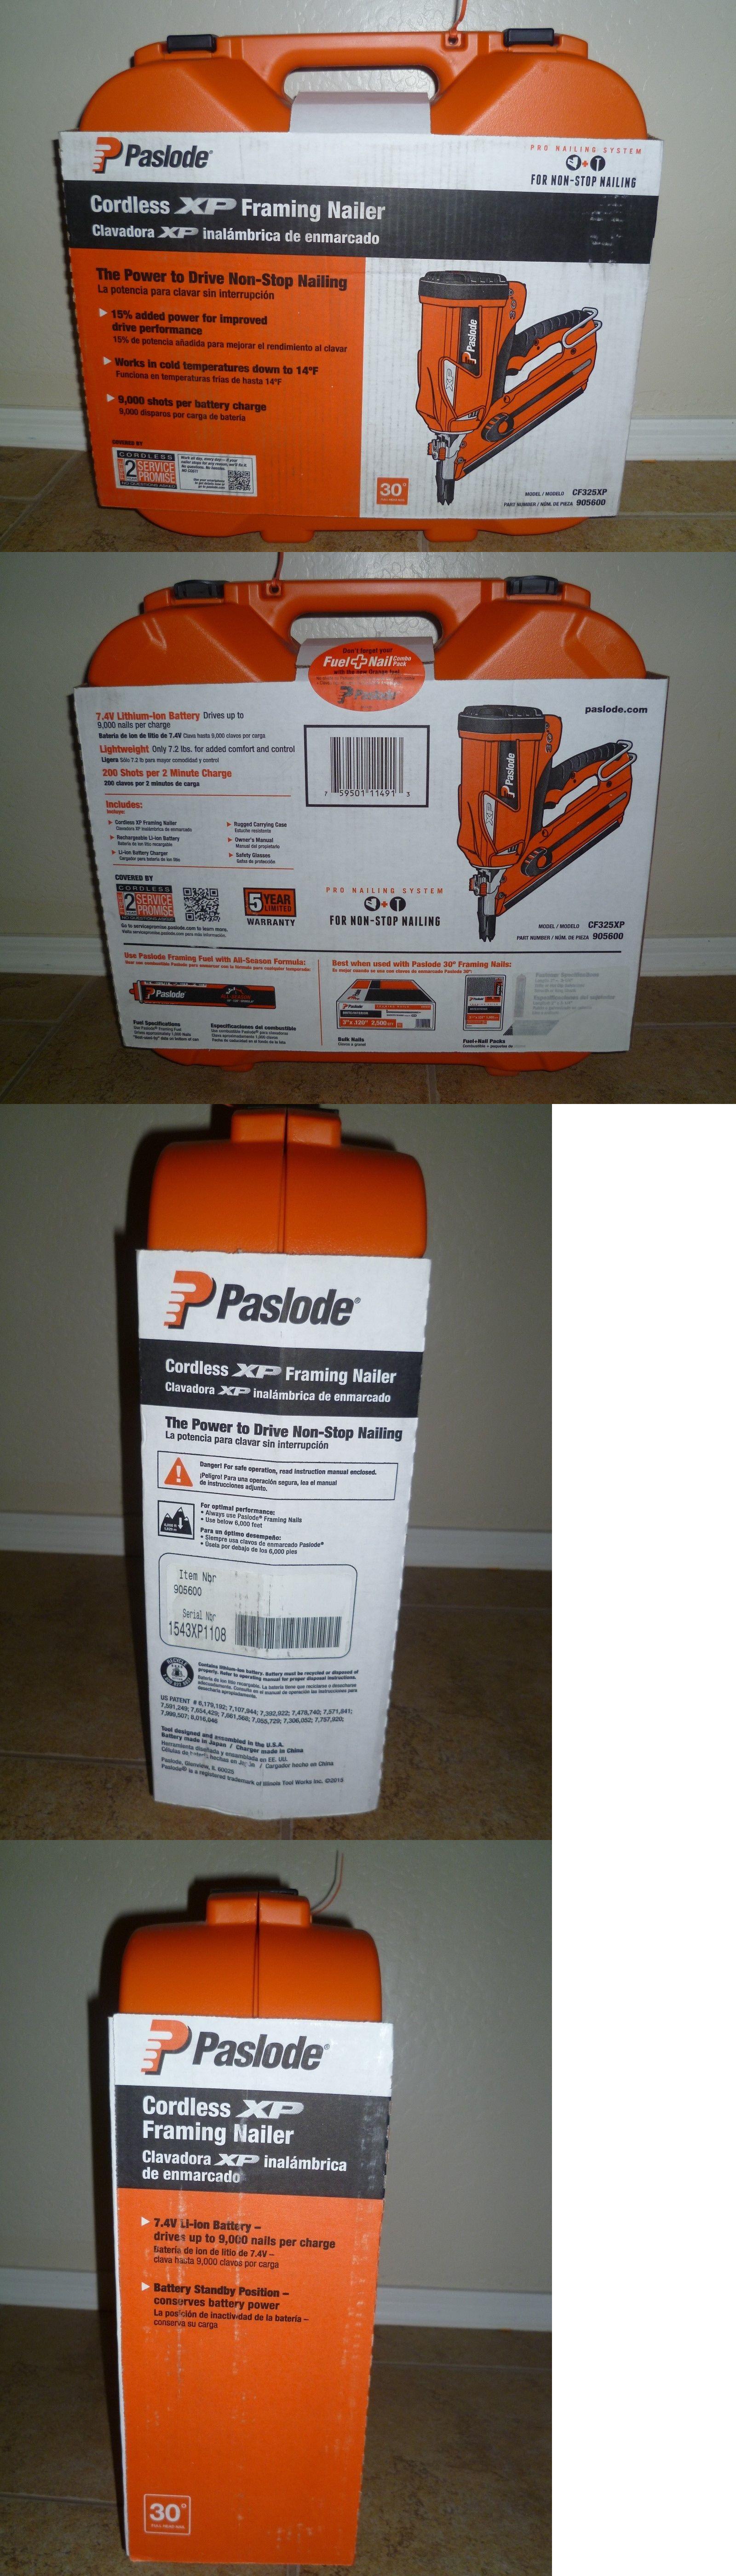 Framing Guns 50378: Paslode Cf325xp 905600 Cordless Lithium-Ion 30 ...